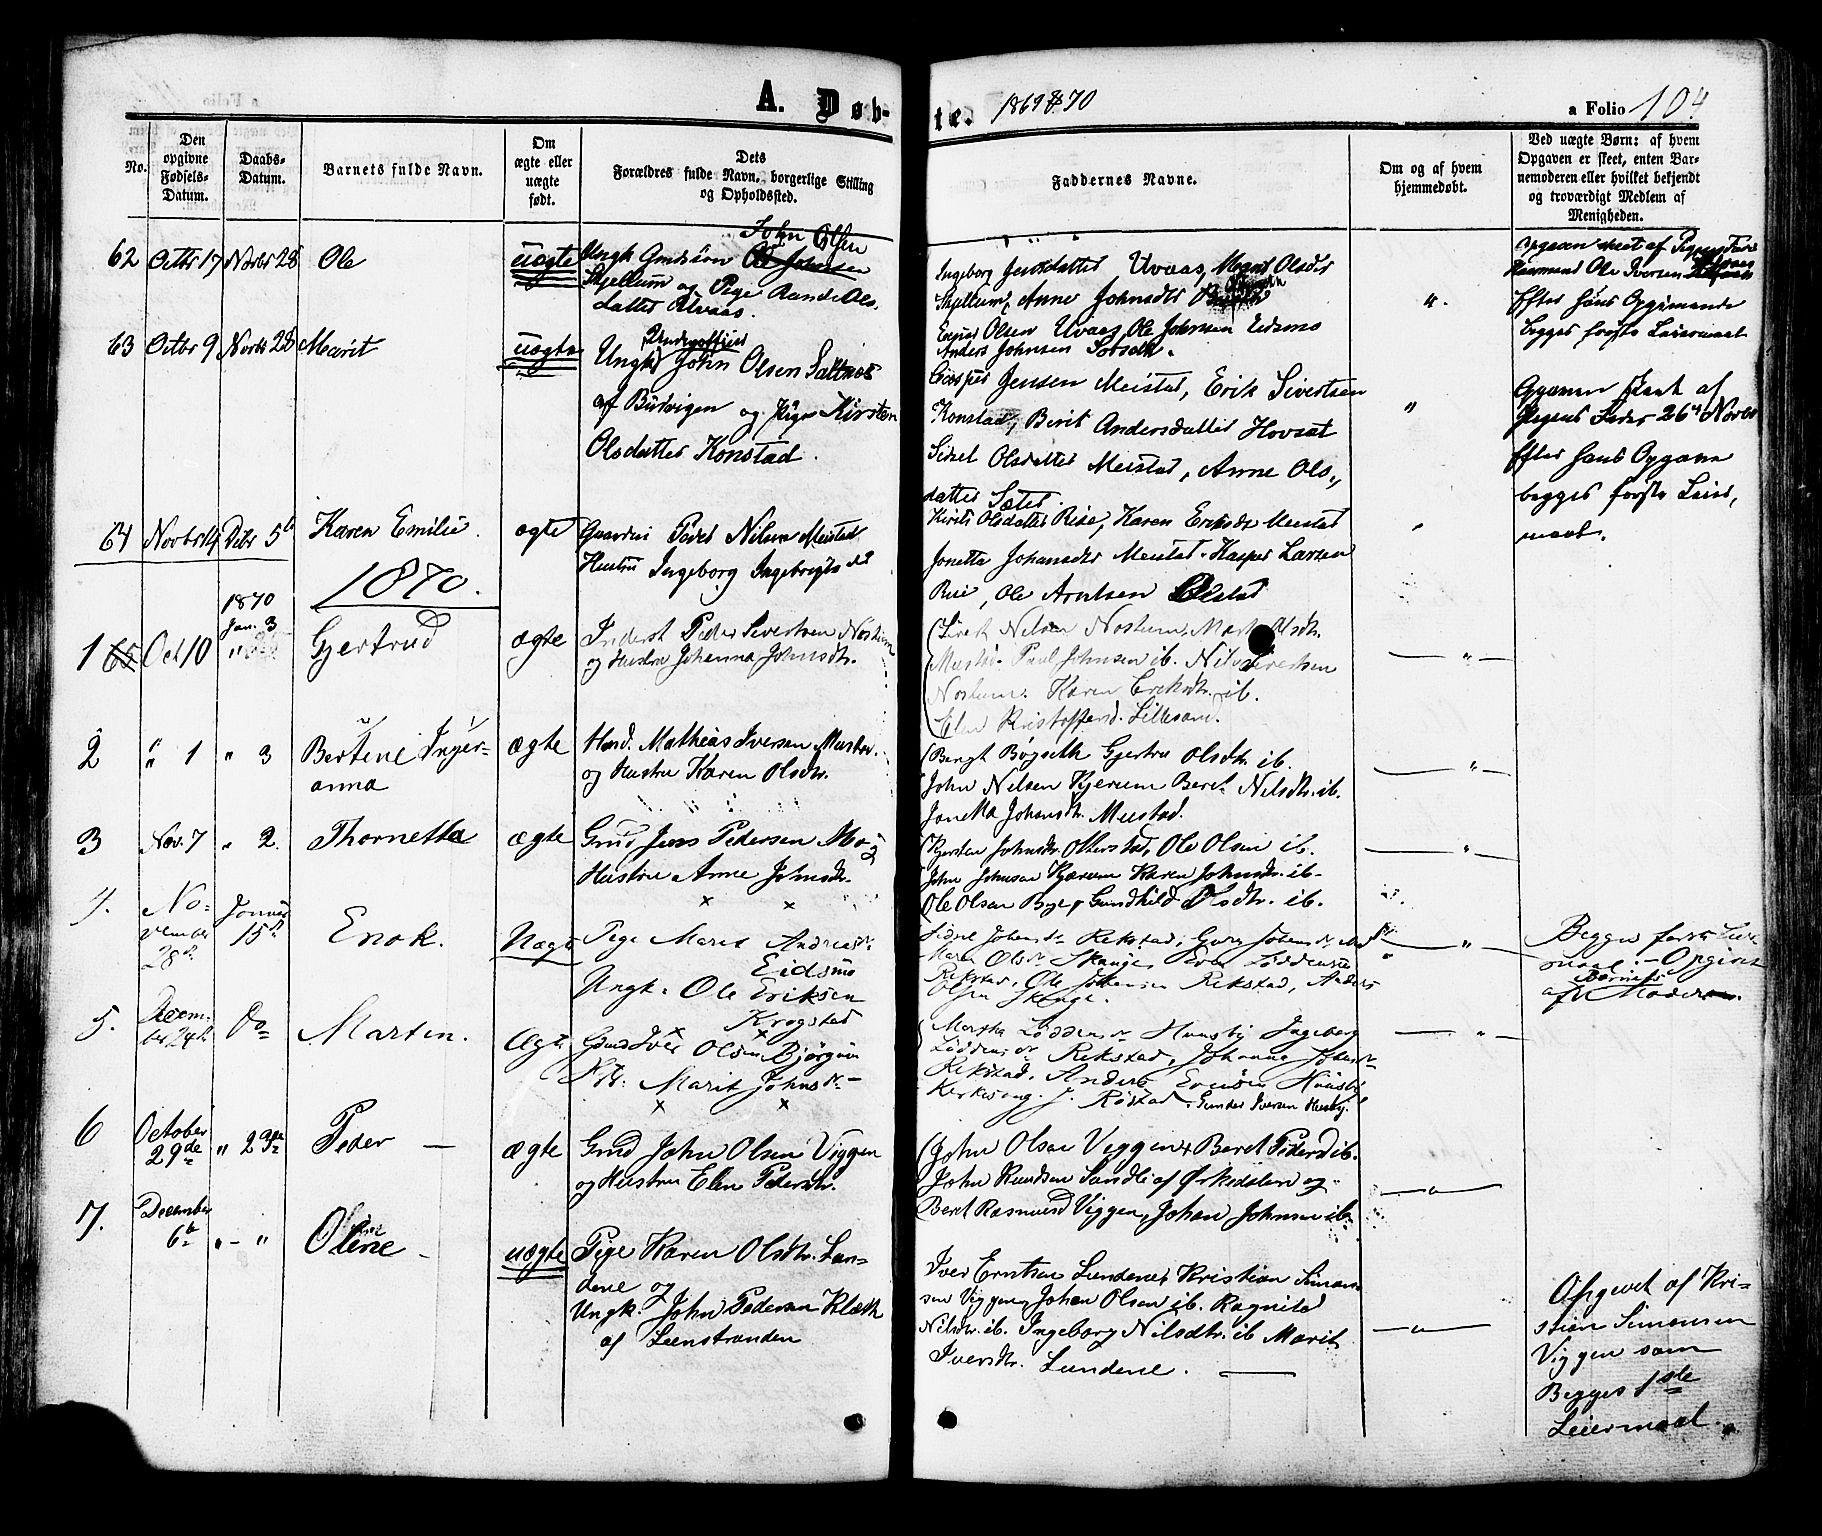 SAT, Ministerialprotokoller, klokkerbøker og fødselsregistre - Sør-Trøndelag, 665/L0772: Ministerialbok nr. 665A07, 1856-1878, s. 104